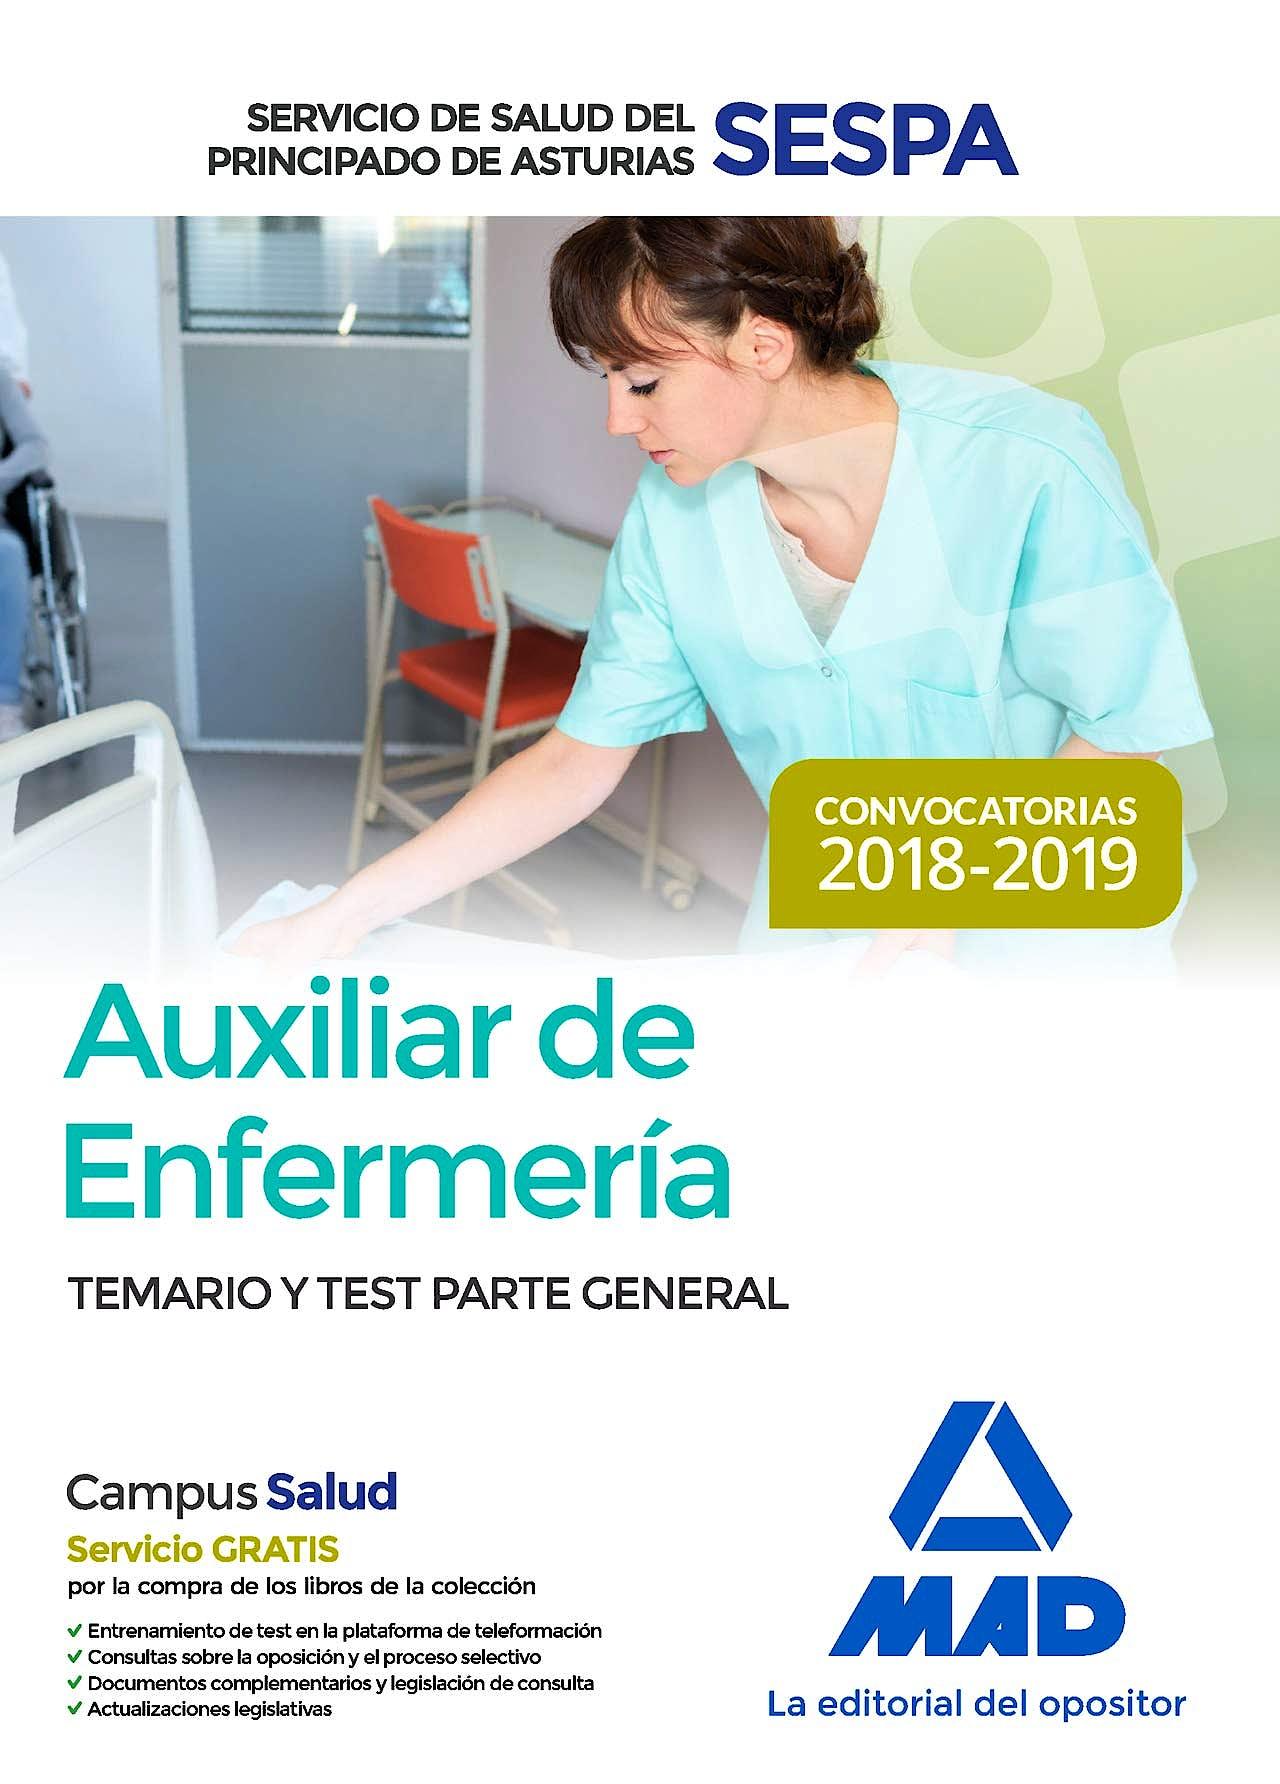 Portada del libro 9788414220351 Auxiliar de Enfermería Servicio de Salud del Principado de Asturias (SESPA). Temario y Test Parte General